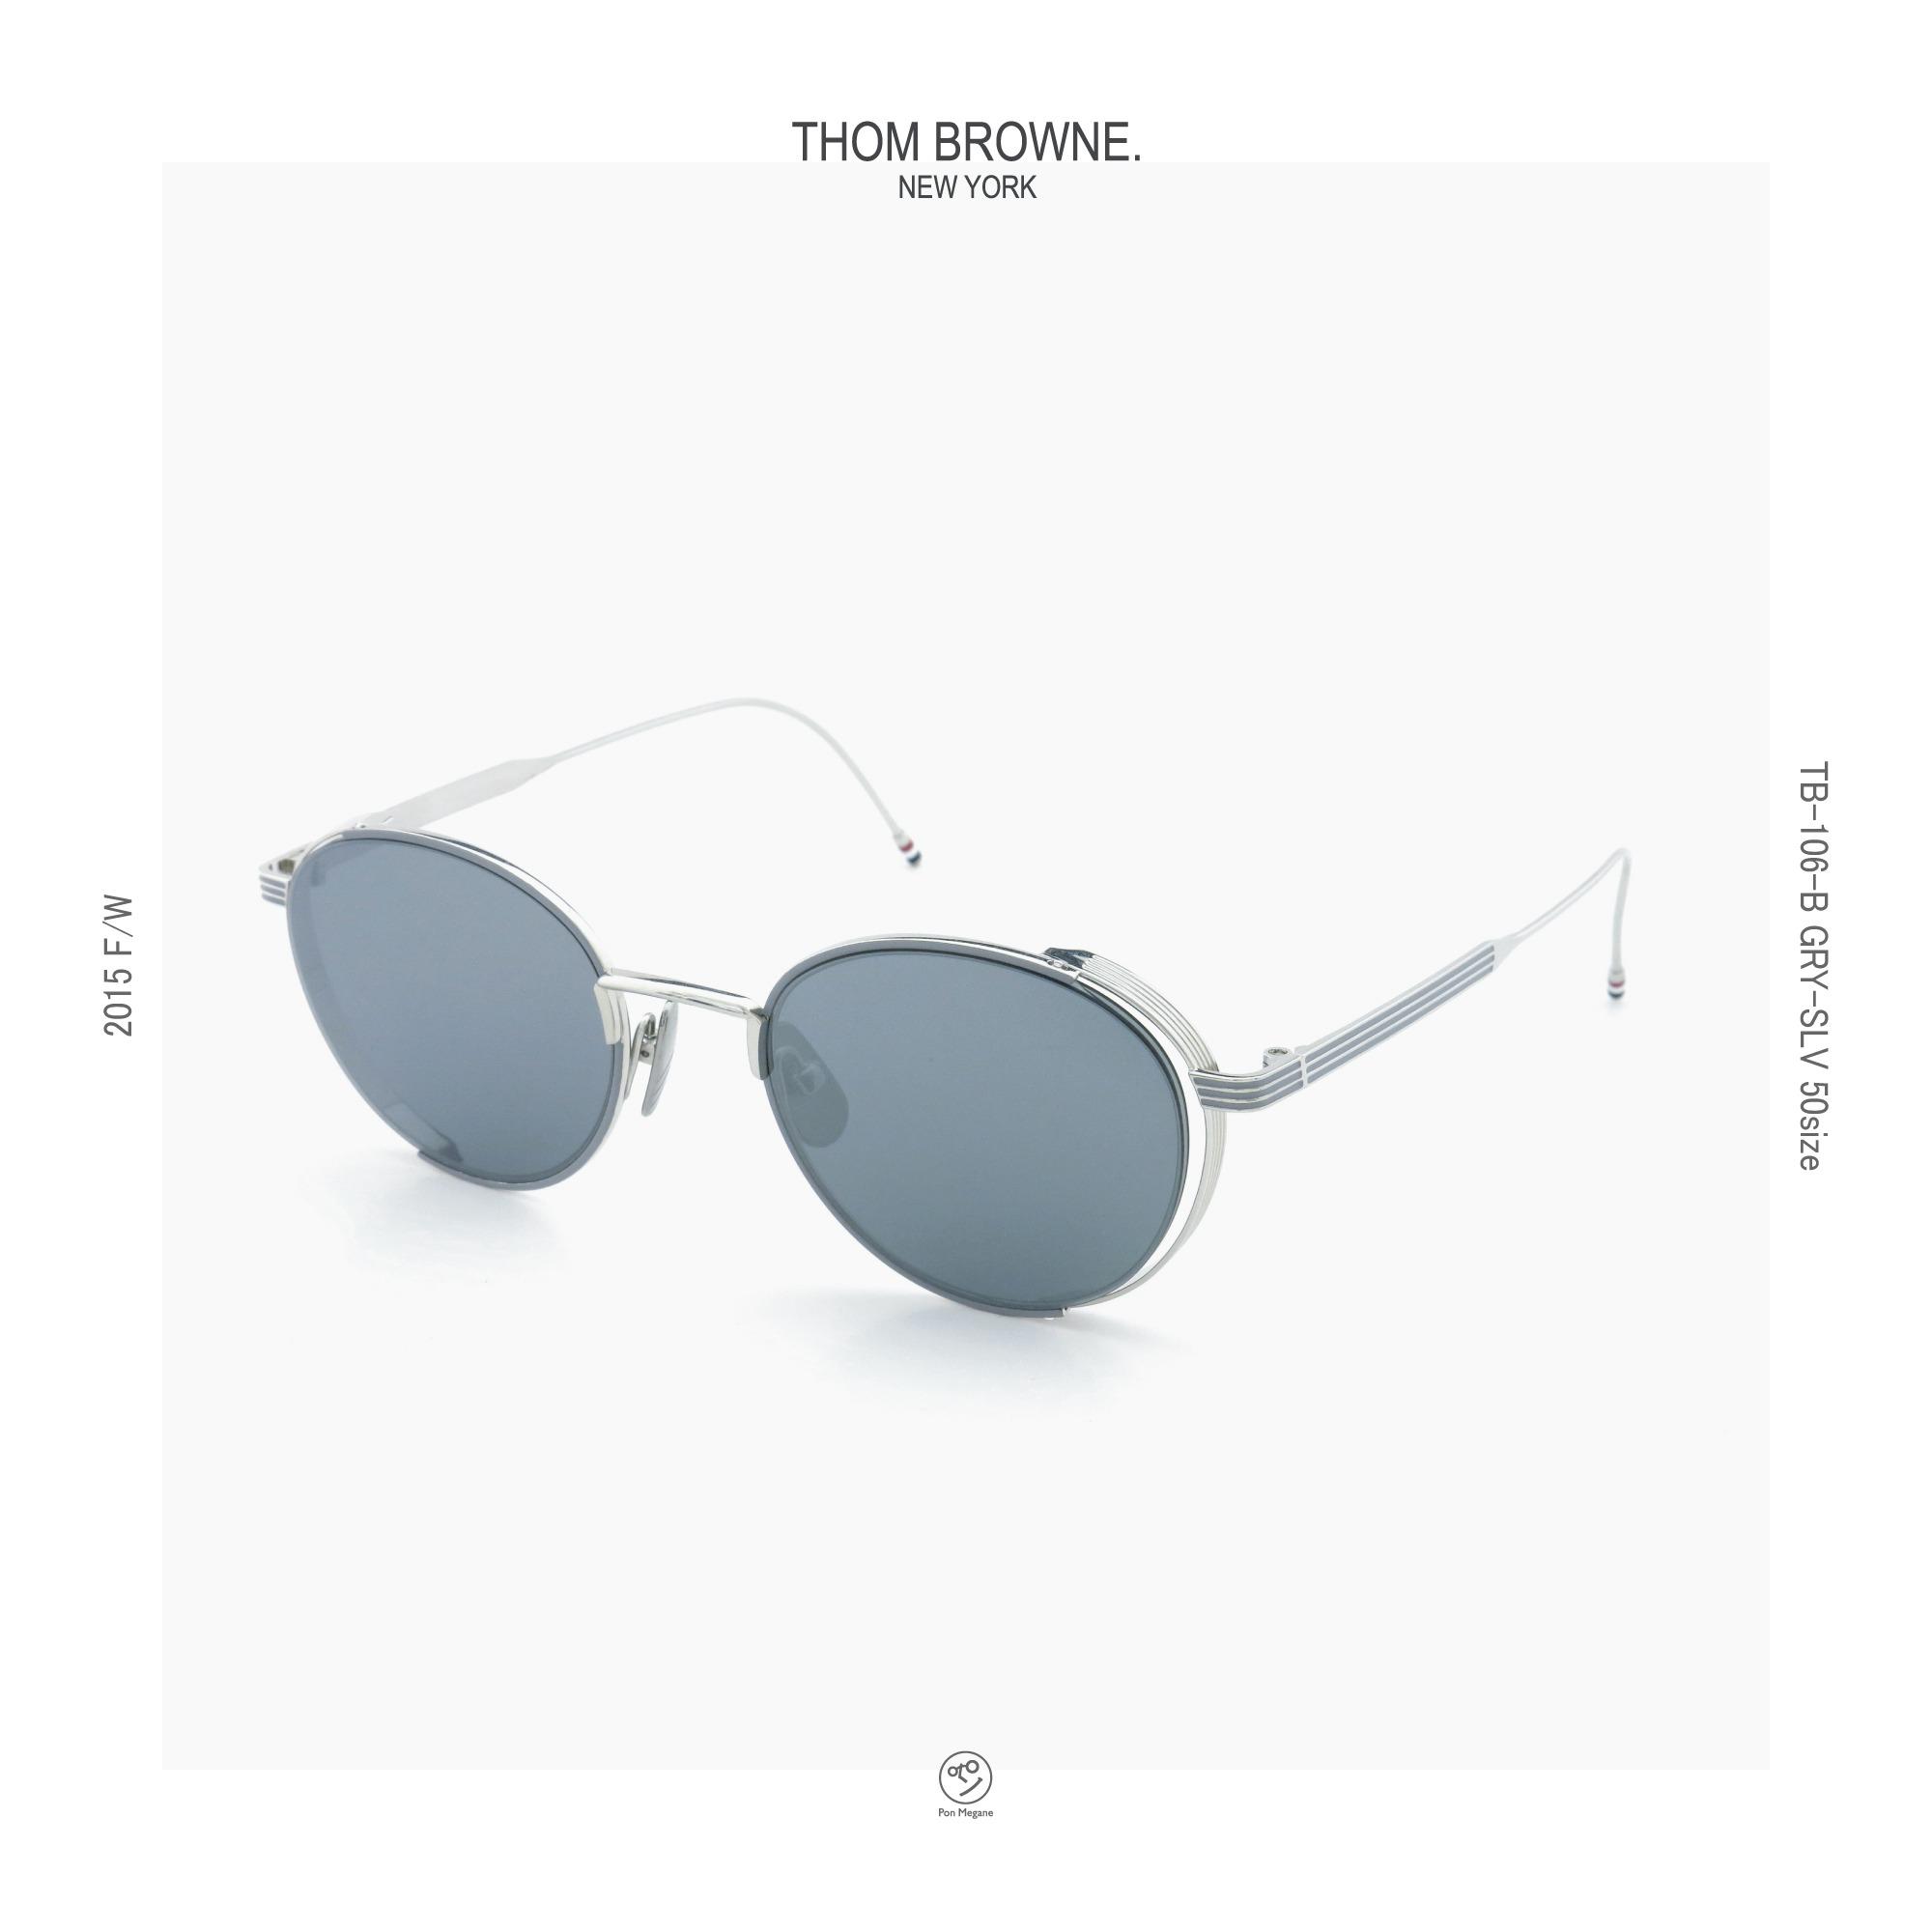 THOM-BROWNE-TB-106-B-GRY-SLV-50-DG-SM-insta